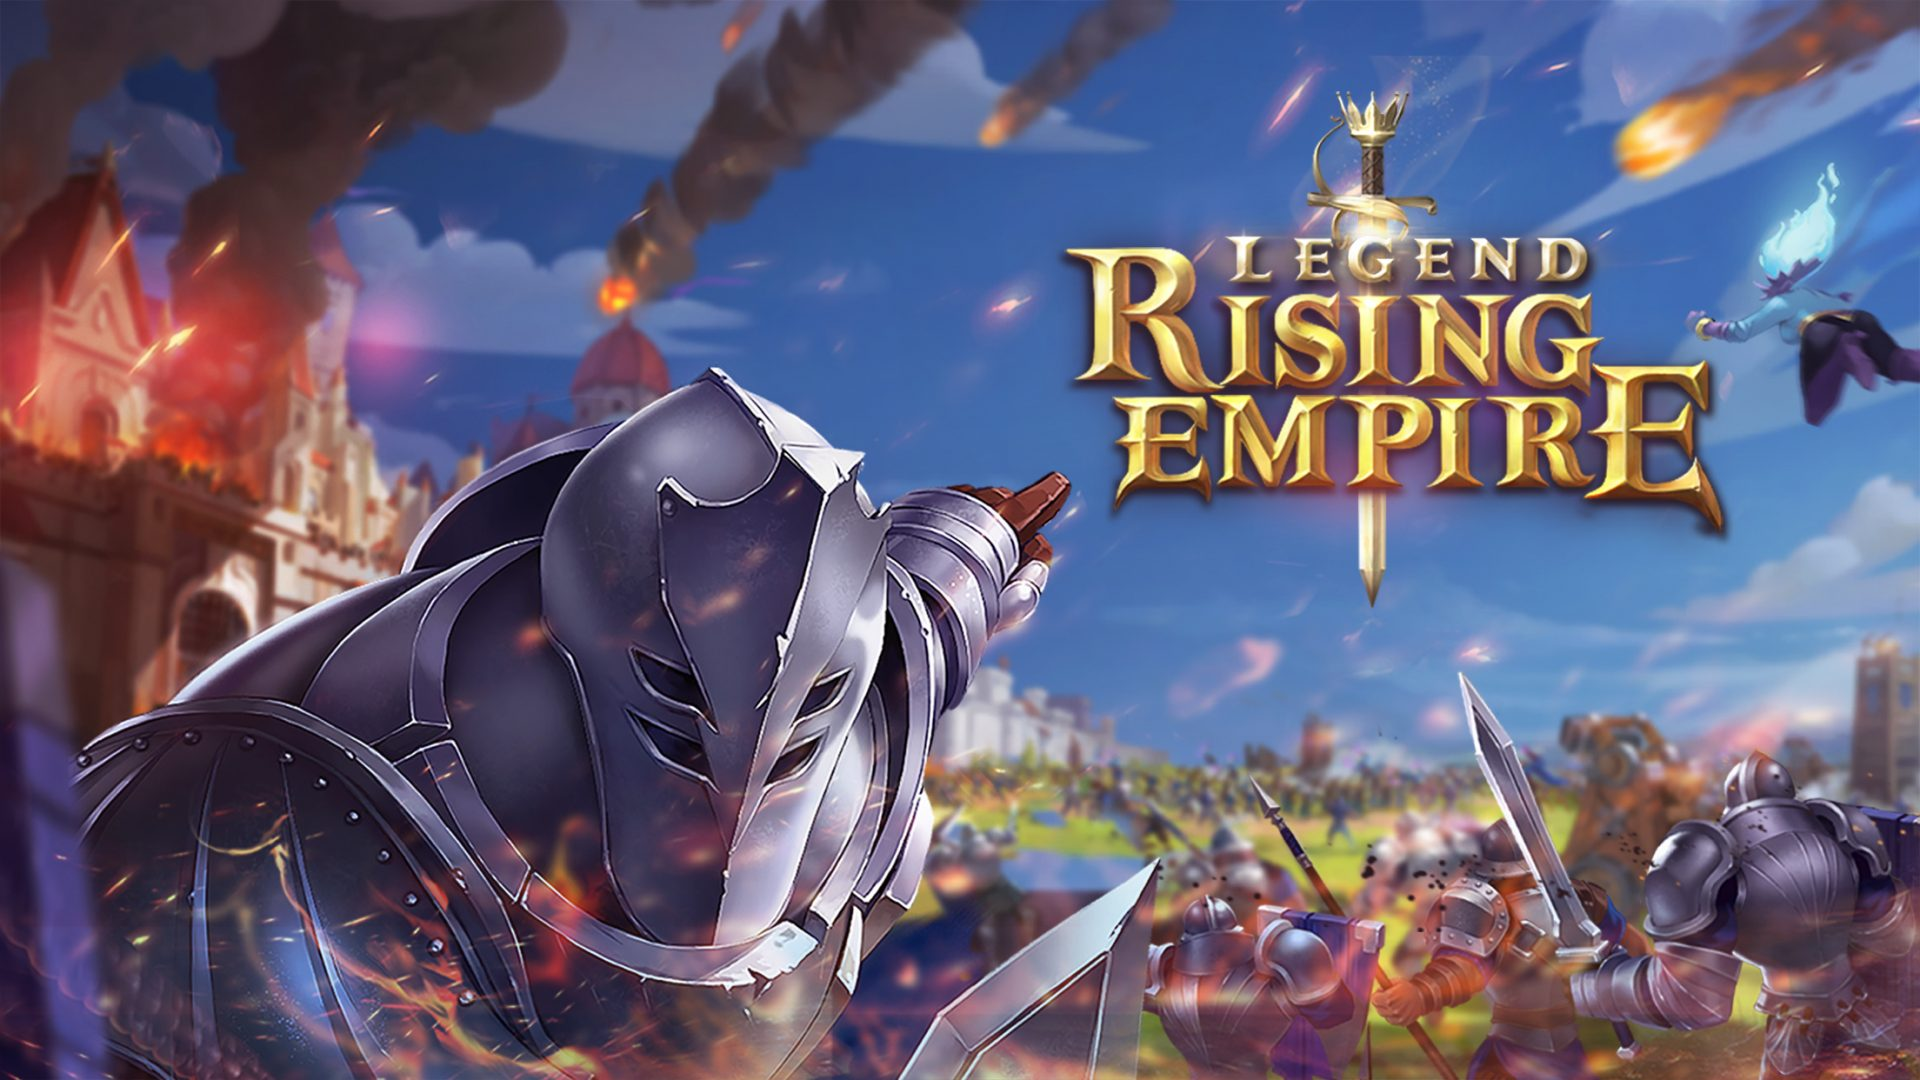 legendrisingempire